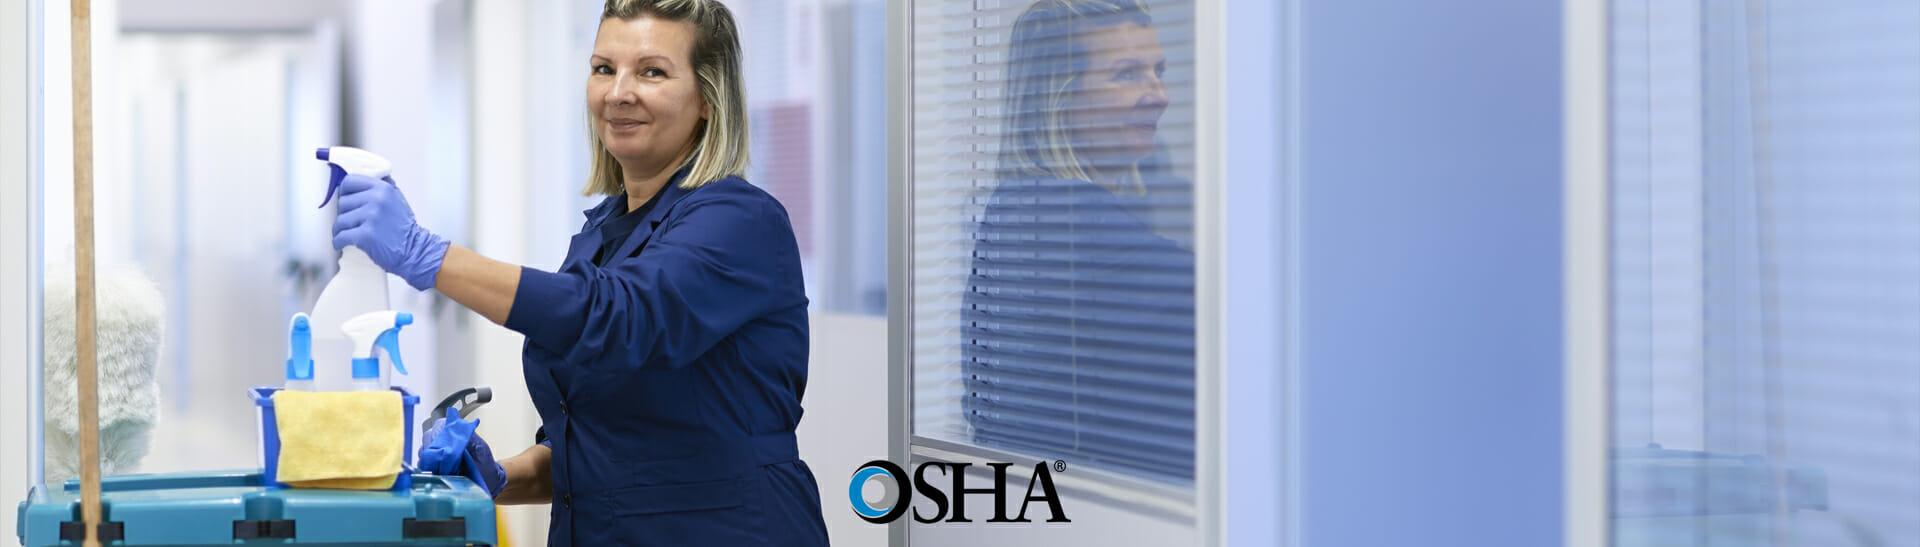 osha1